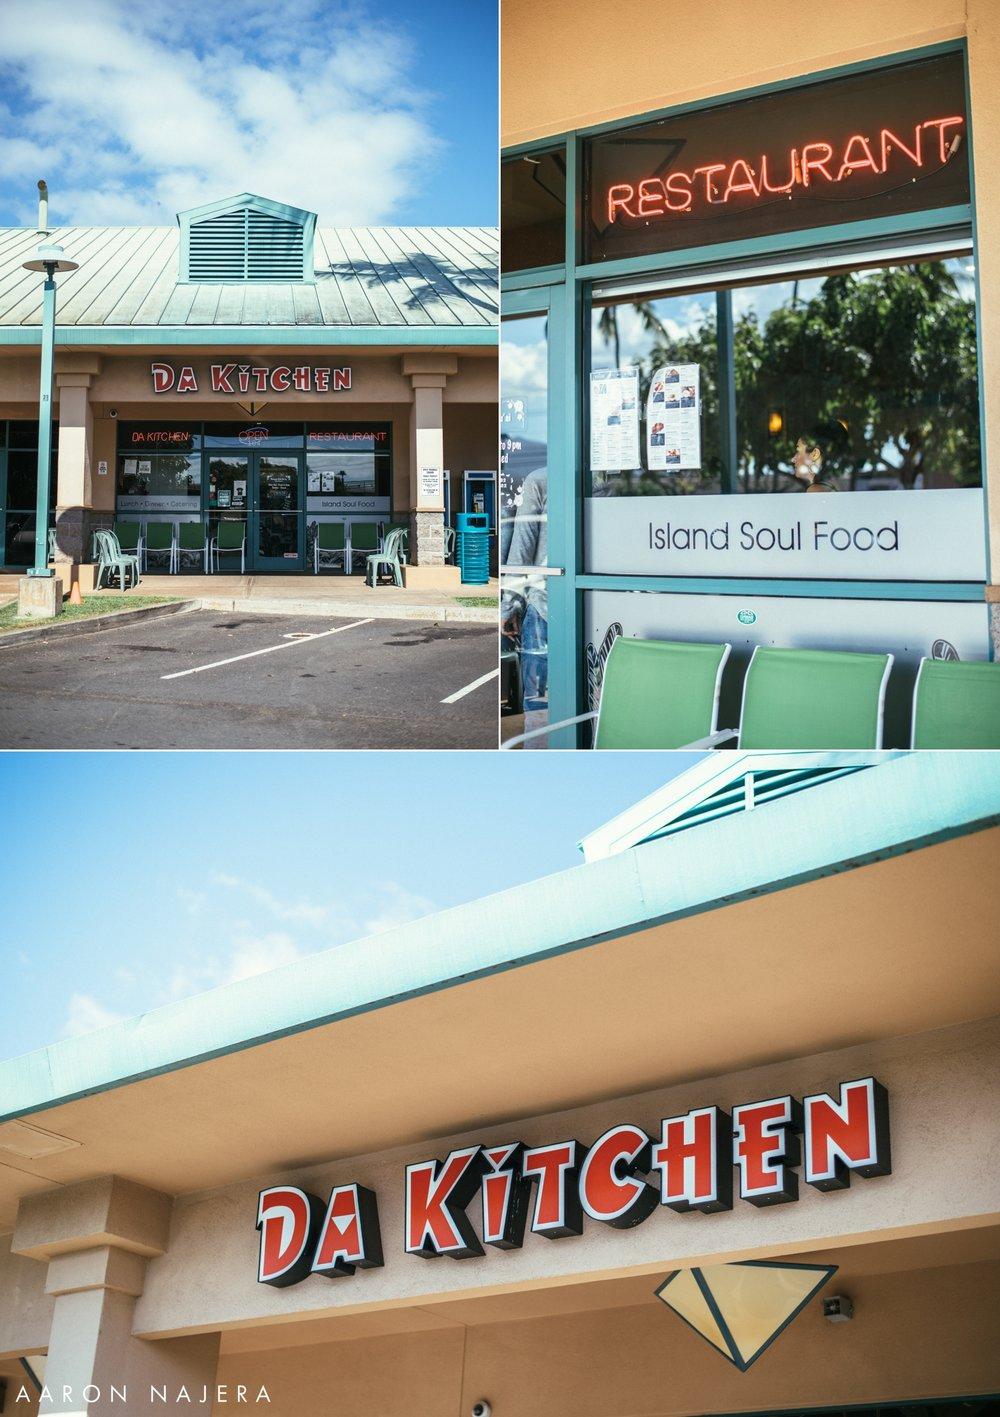 Island Soul Food: Da Kitchen — AARON NAJERA PHOTOGRAPHY